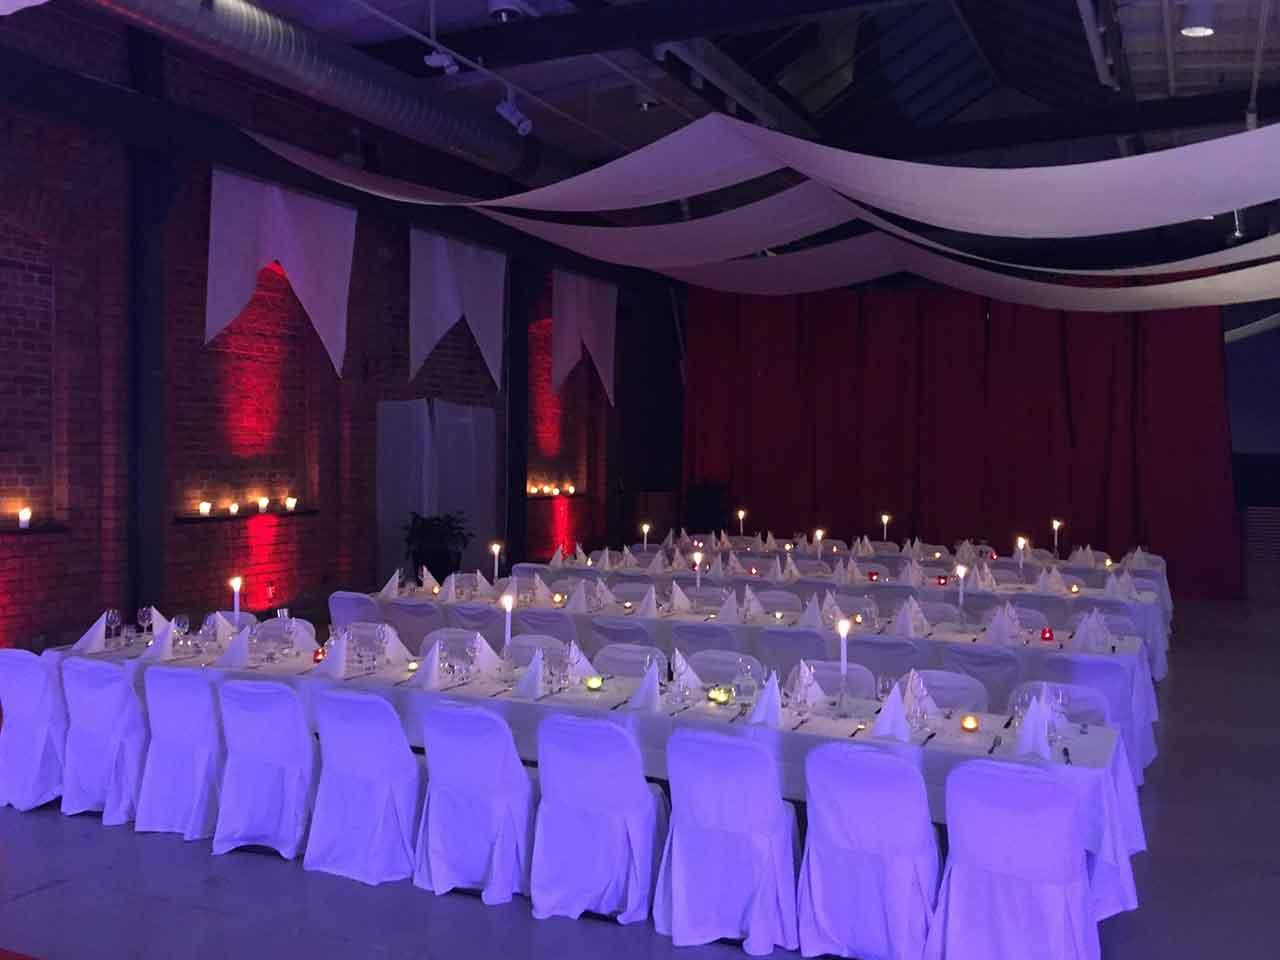 Bröllop på Lavalhallen - romantisk dukning